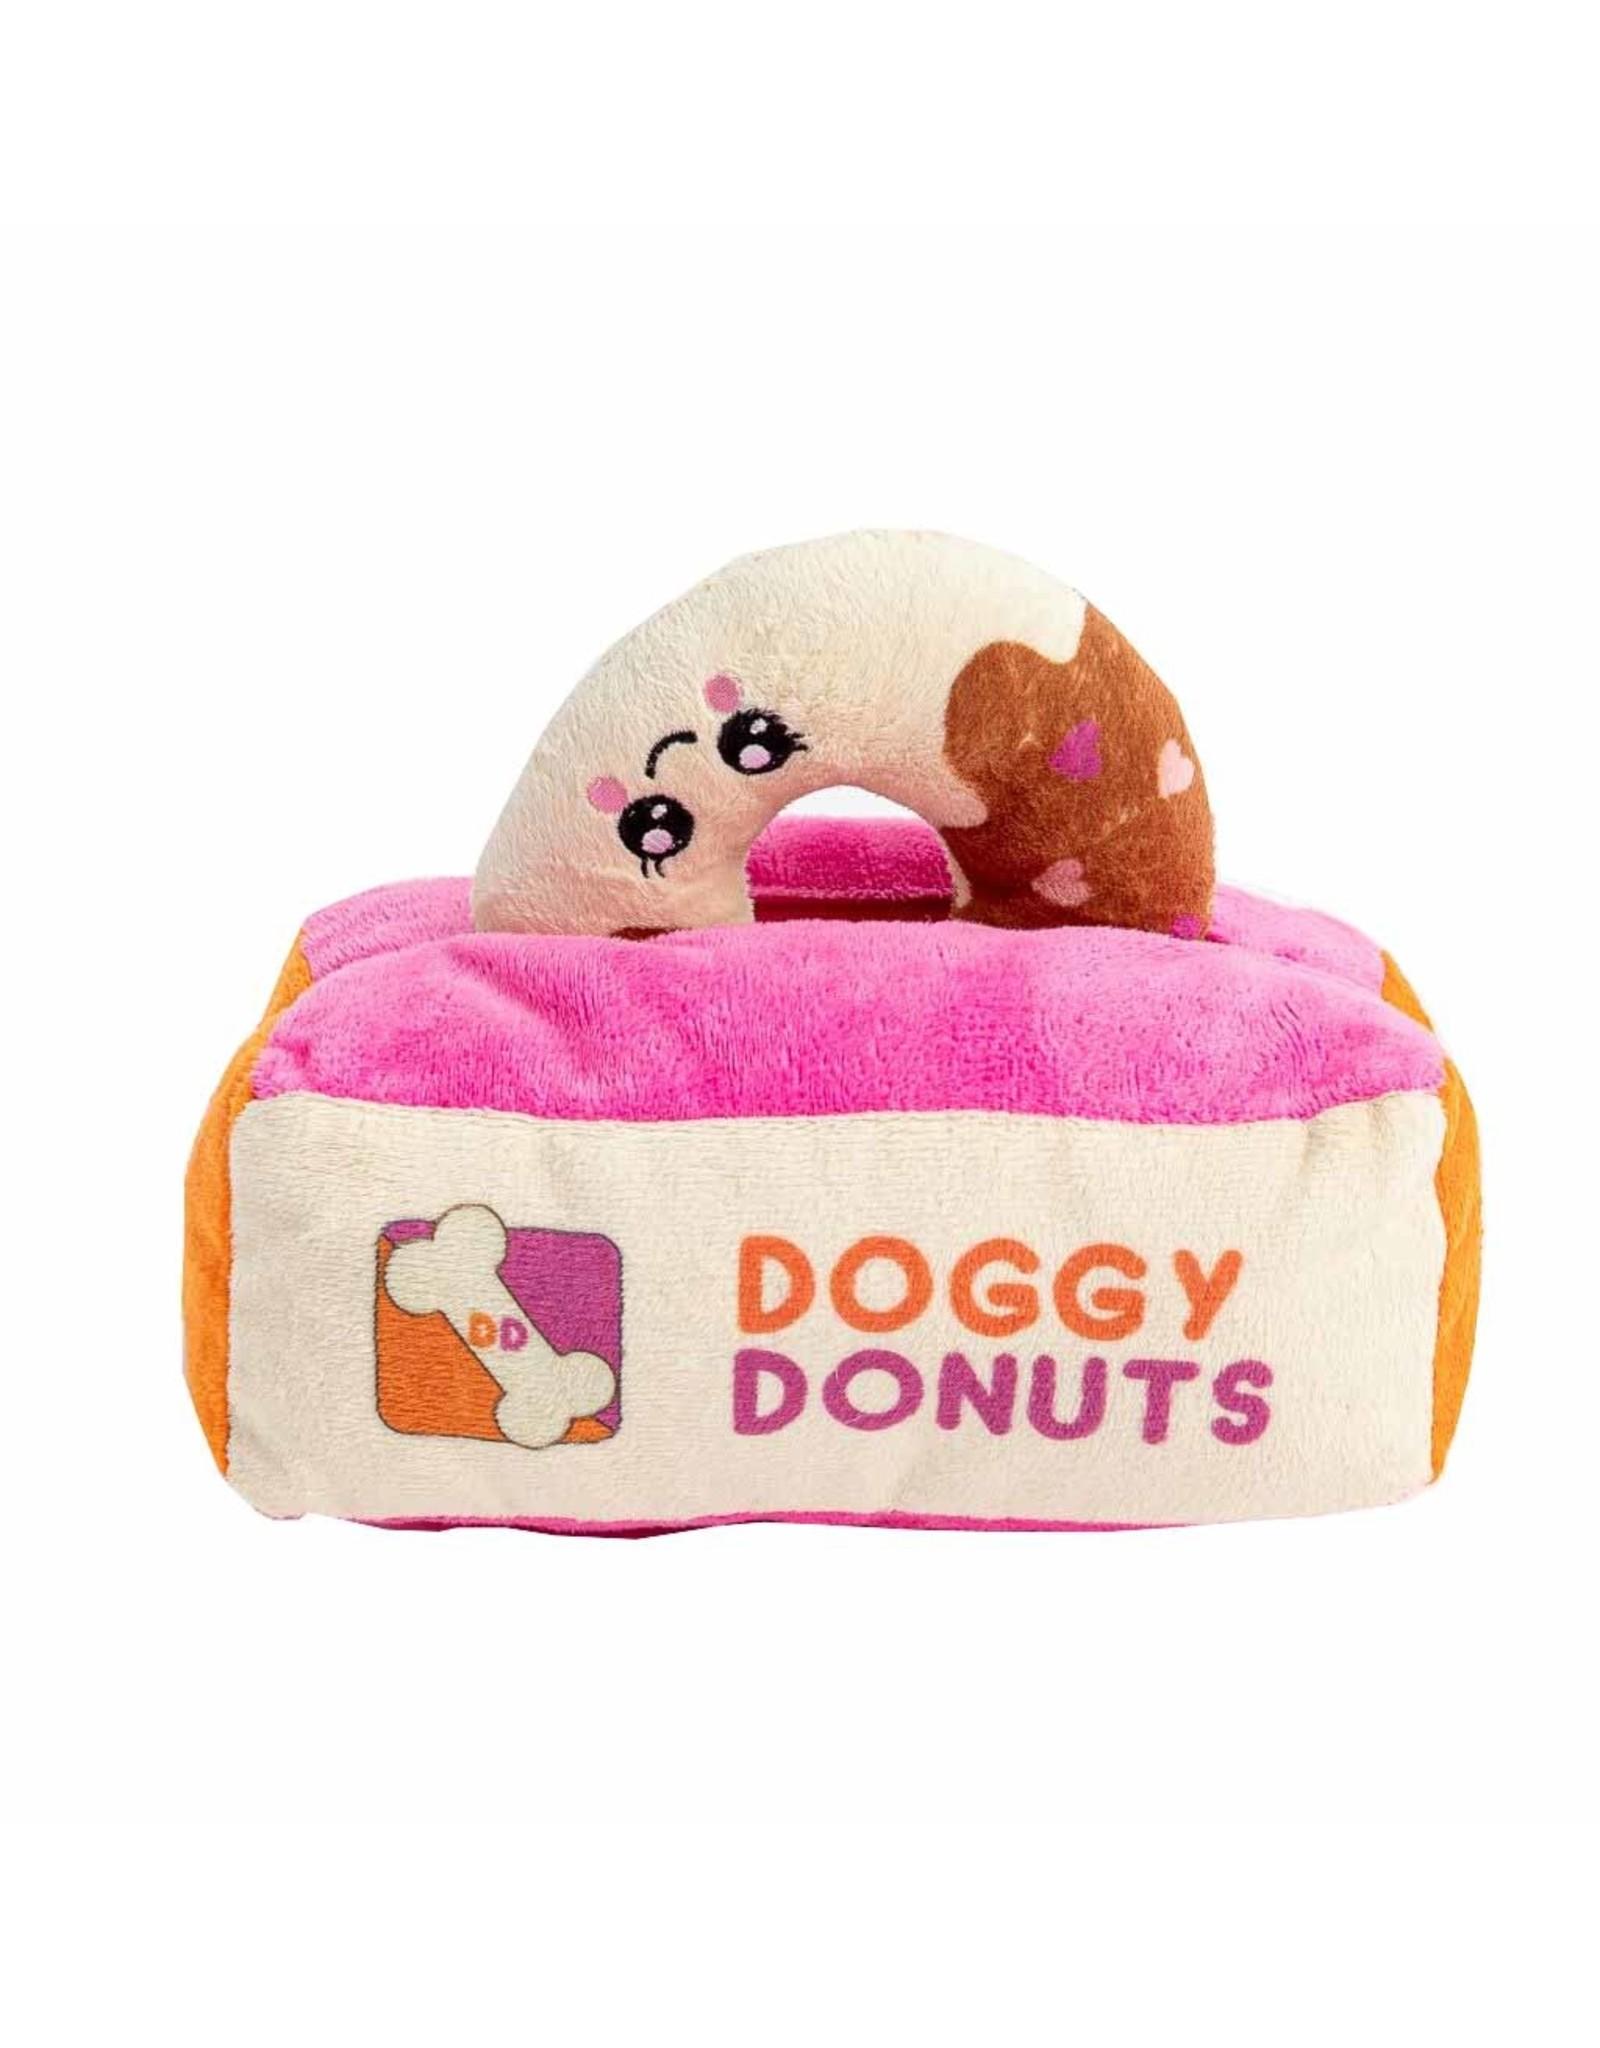 2-in-1 Donut Box + Donuts